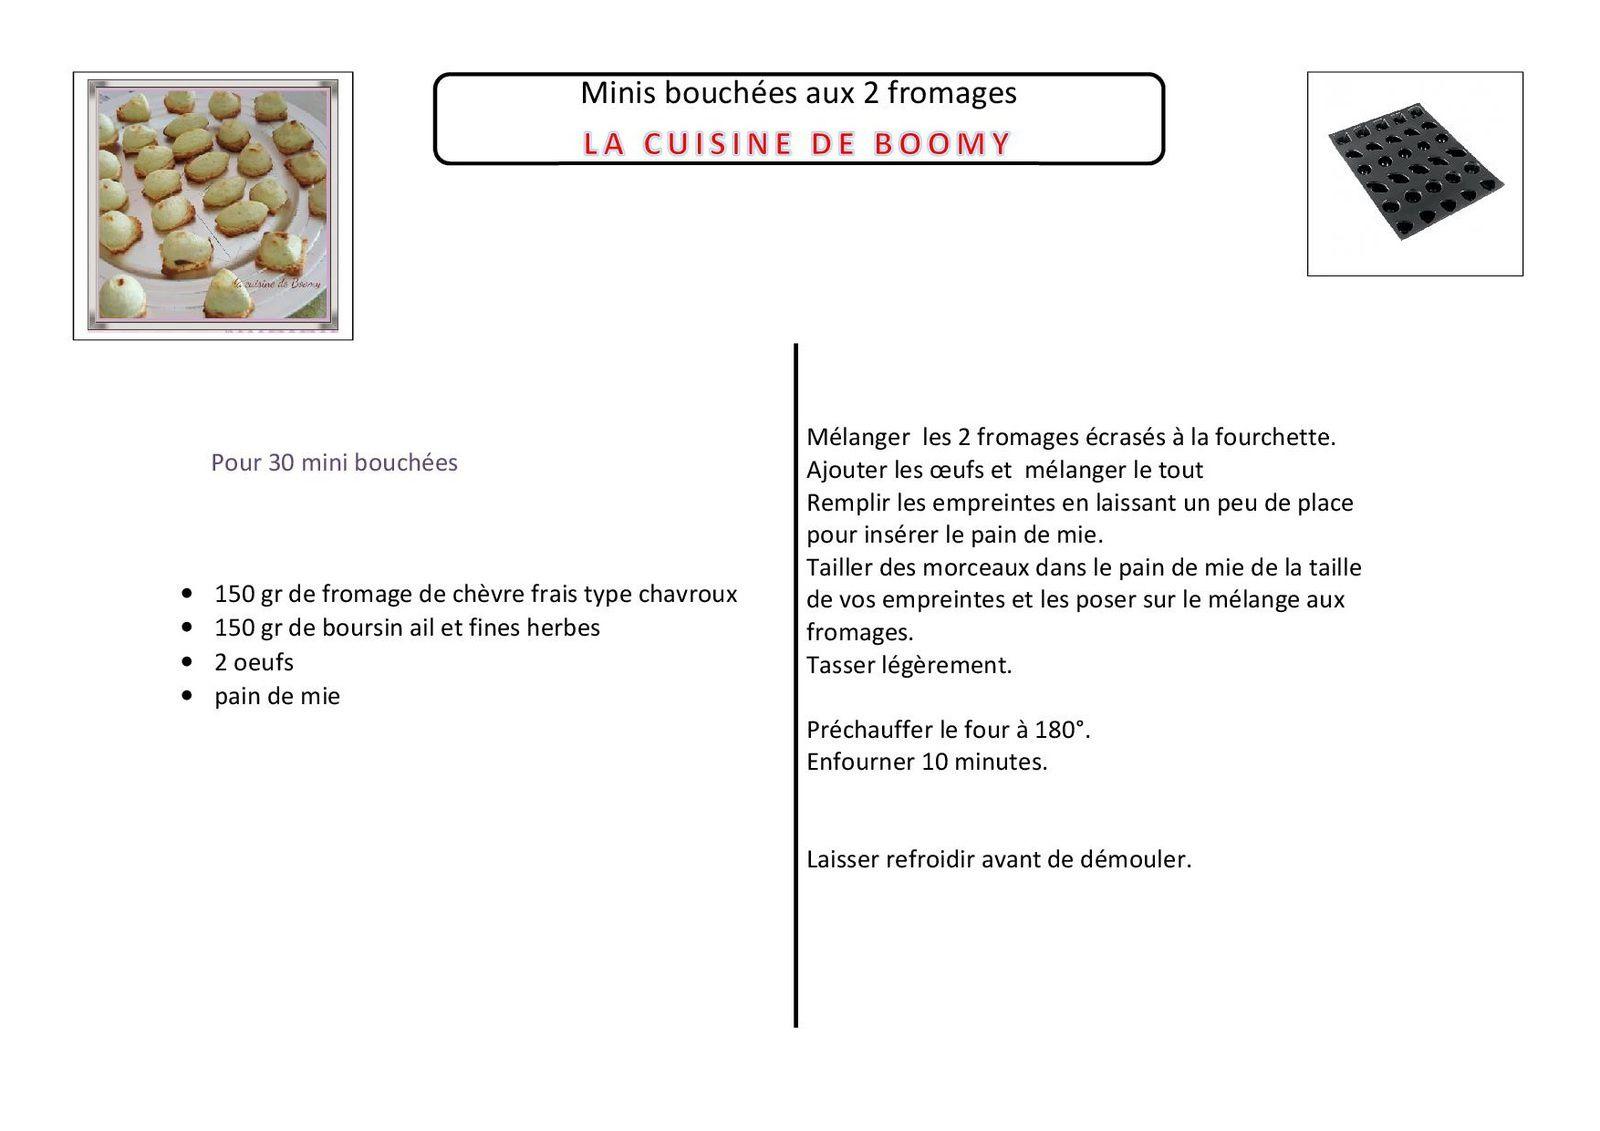 Minis bouchées aux 2 fromages